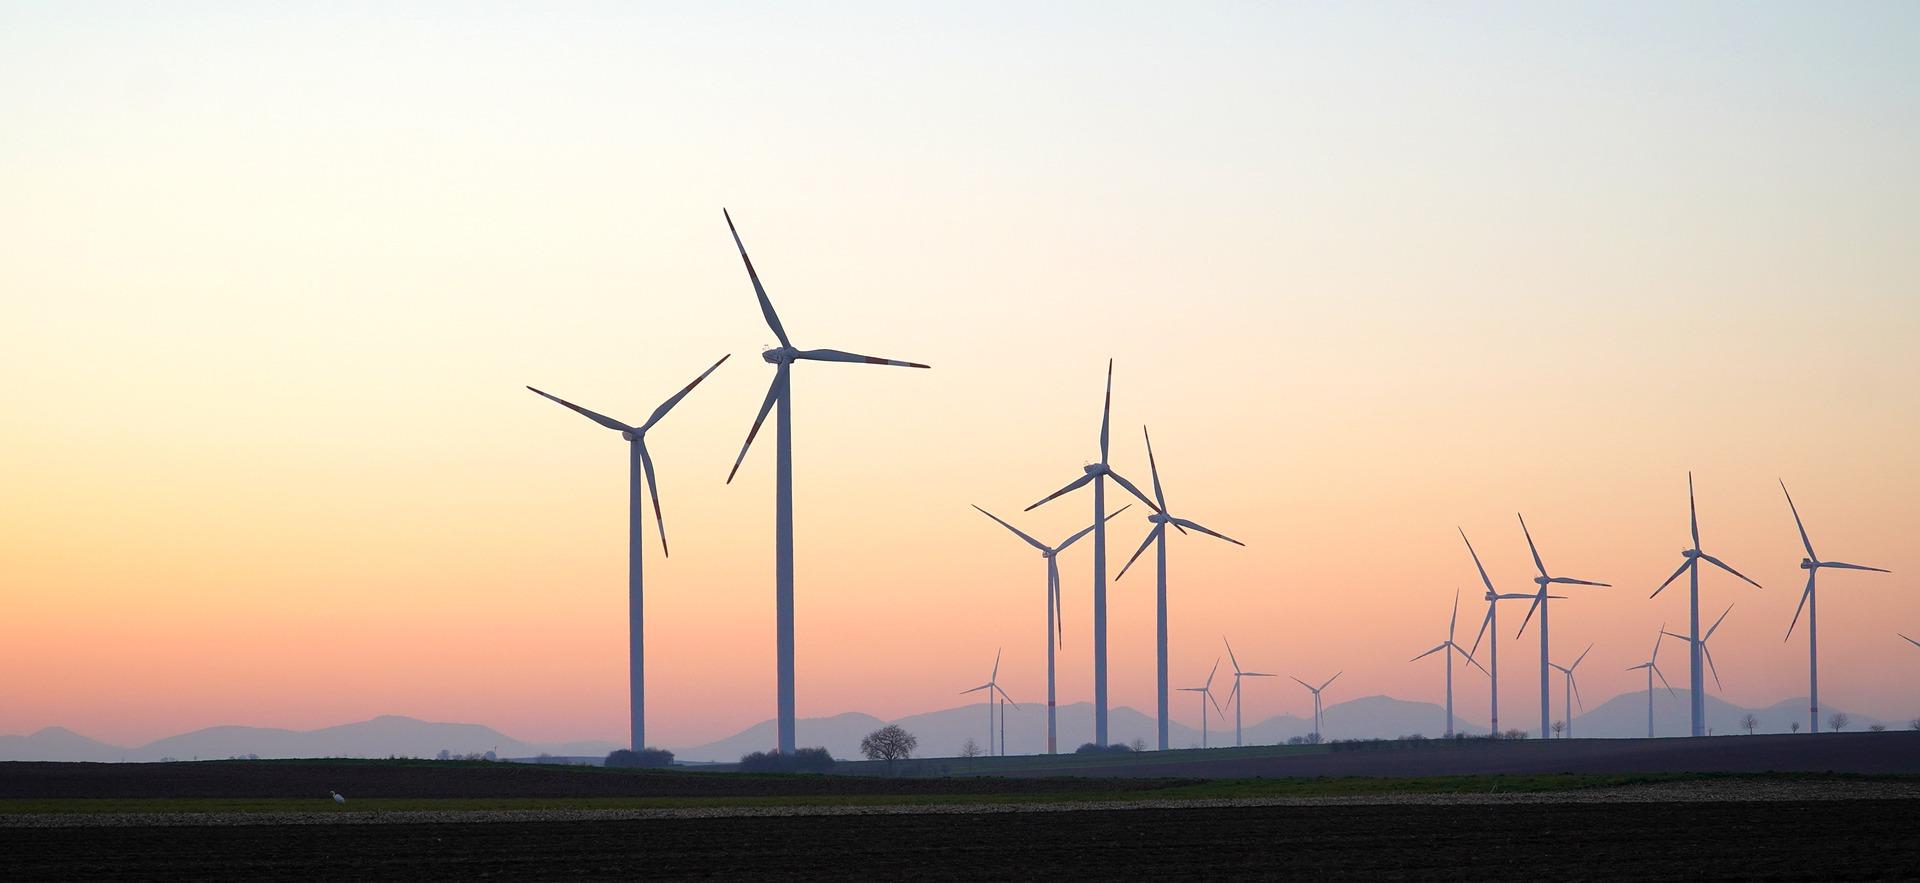 再生可能エネルギーコスト低減に向けた取り組み